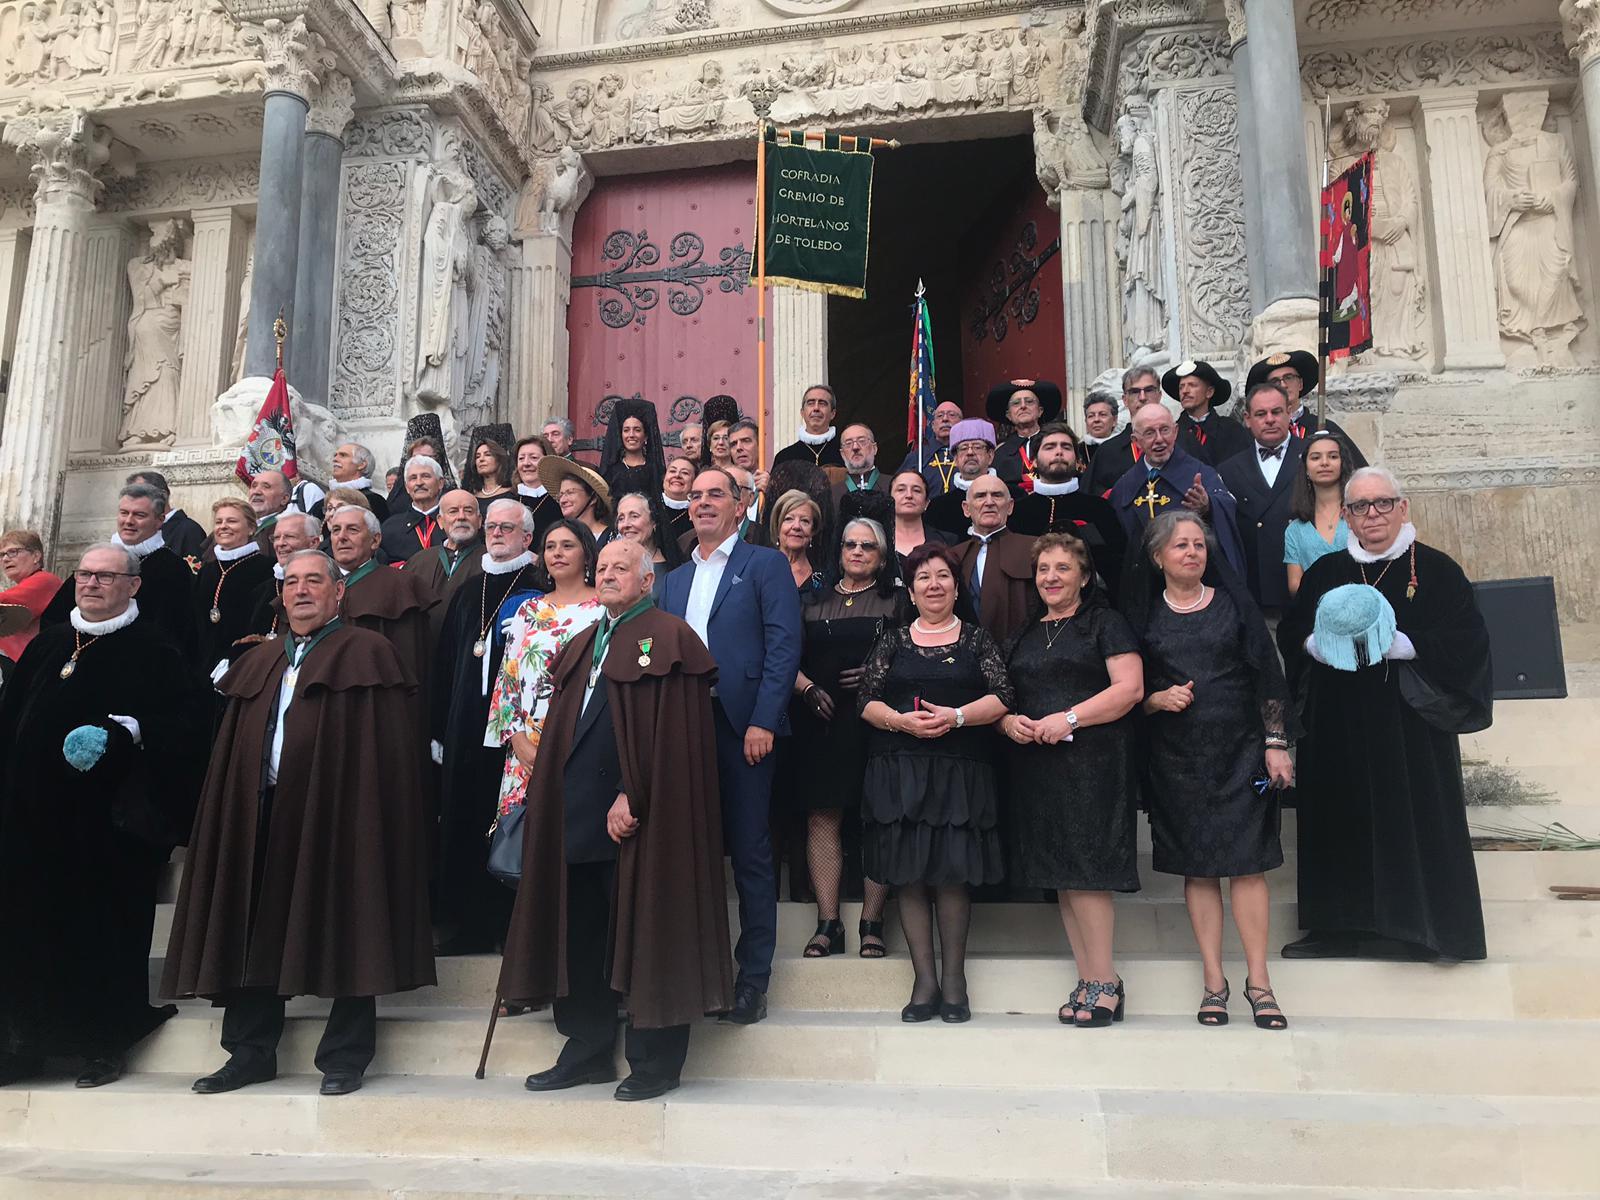 Peregrinación de Cofradías a la Abadía de Saint Gilles (13)